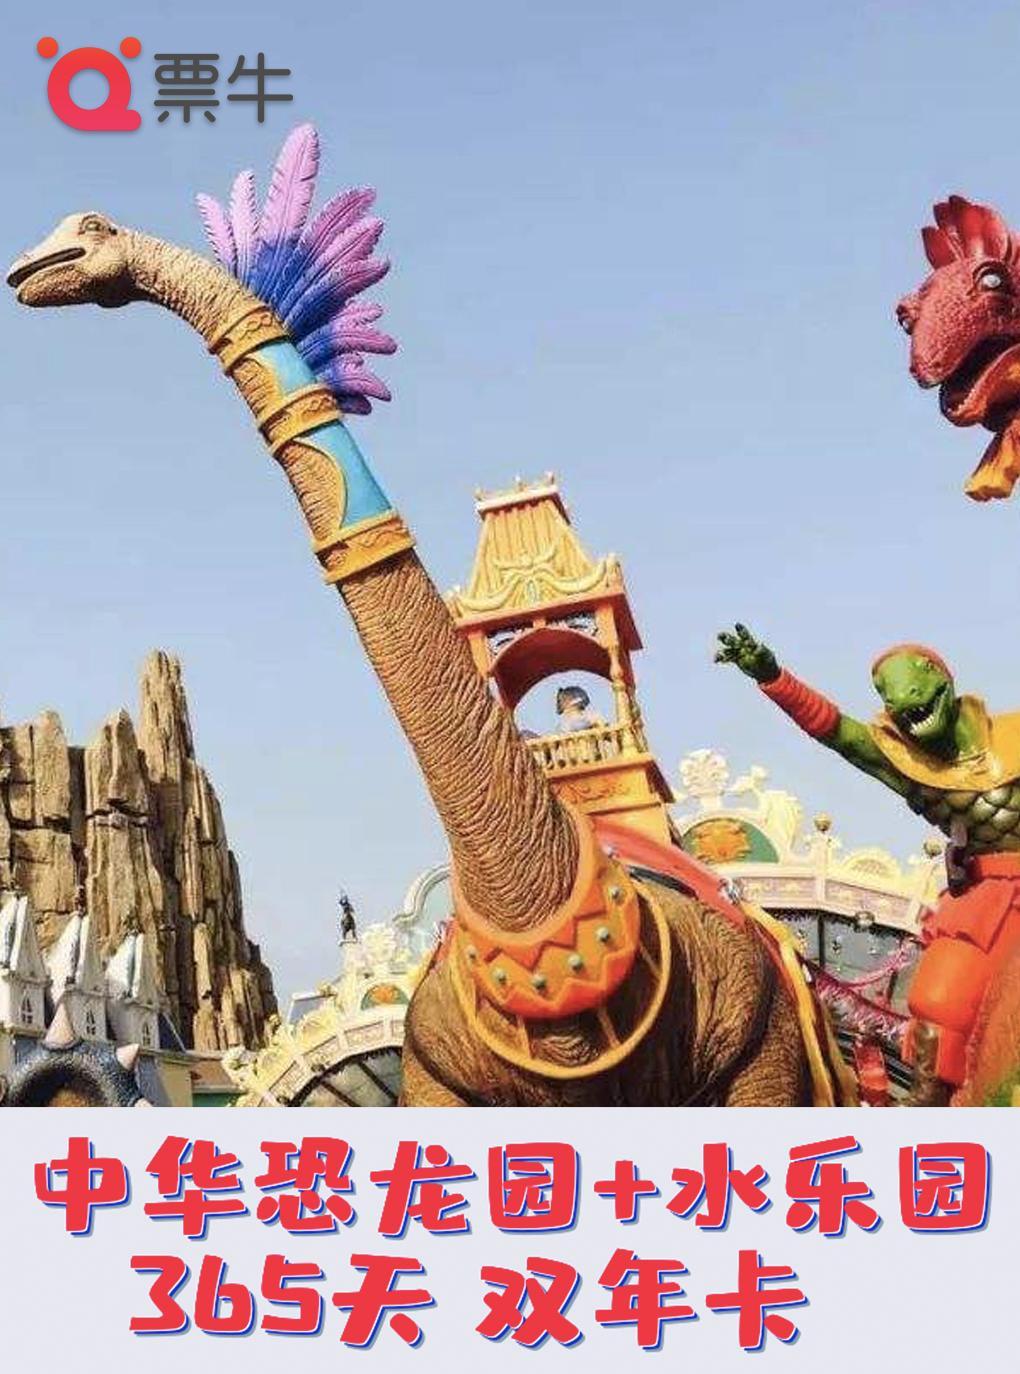 江苏常州中华恐龙园年卡